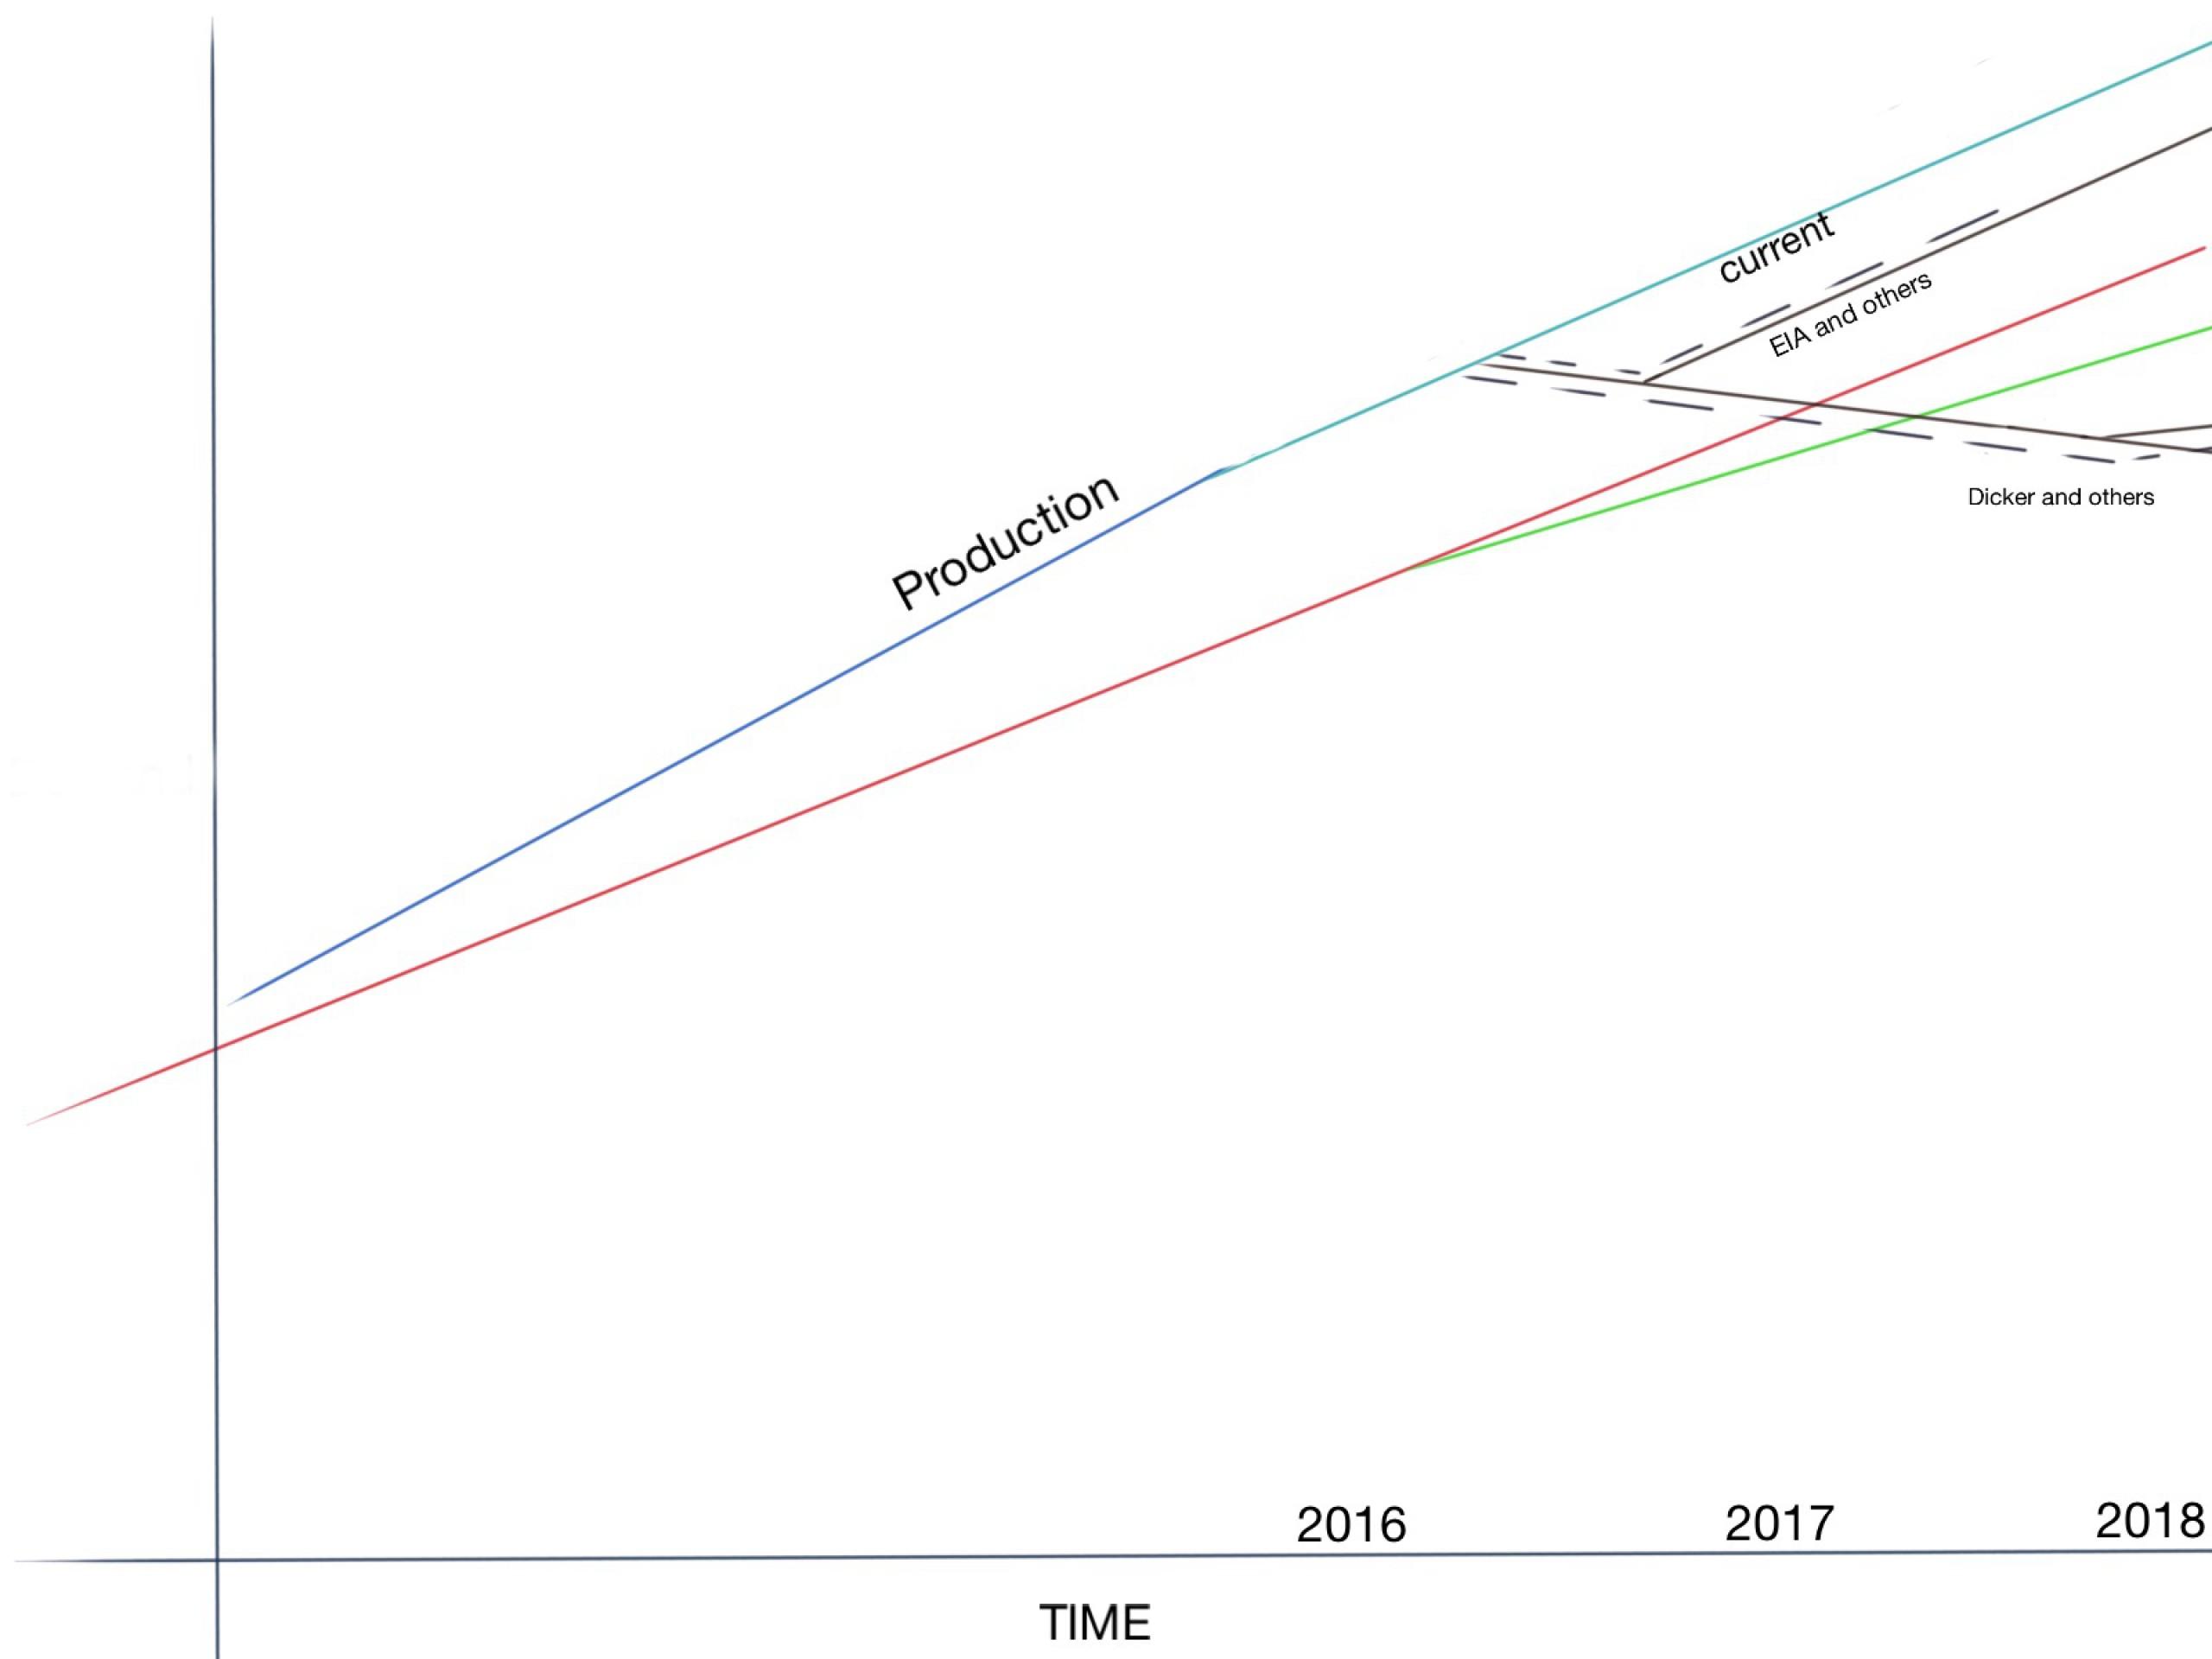 $120 за баррель вернутся в 2018 году?